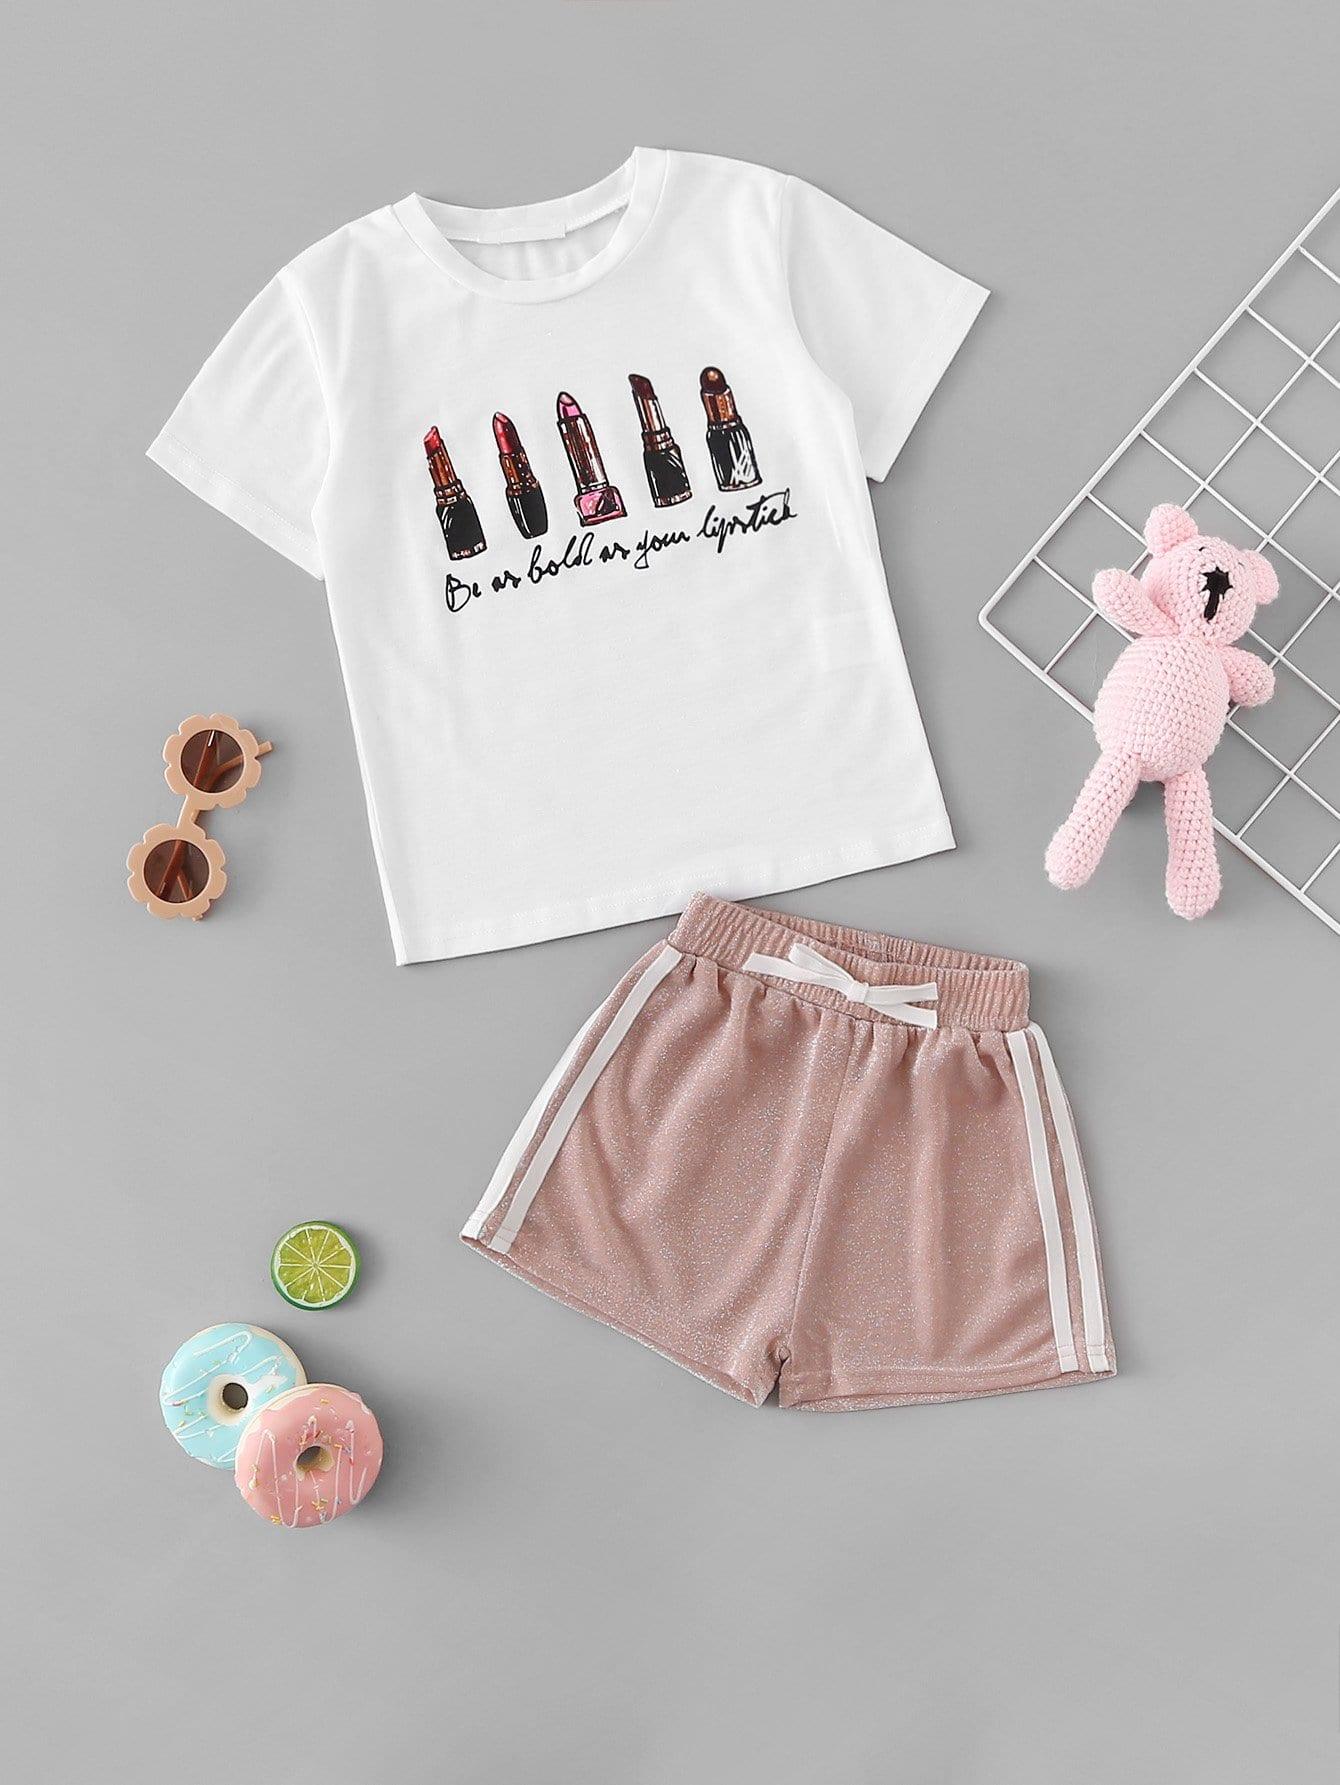 Купить Туфли-шорты для девочек и мультфильмов для девочек, null, SheIn